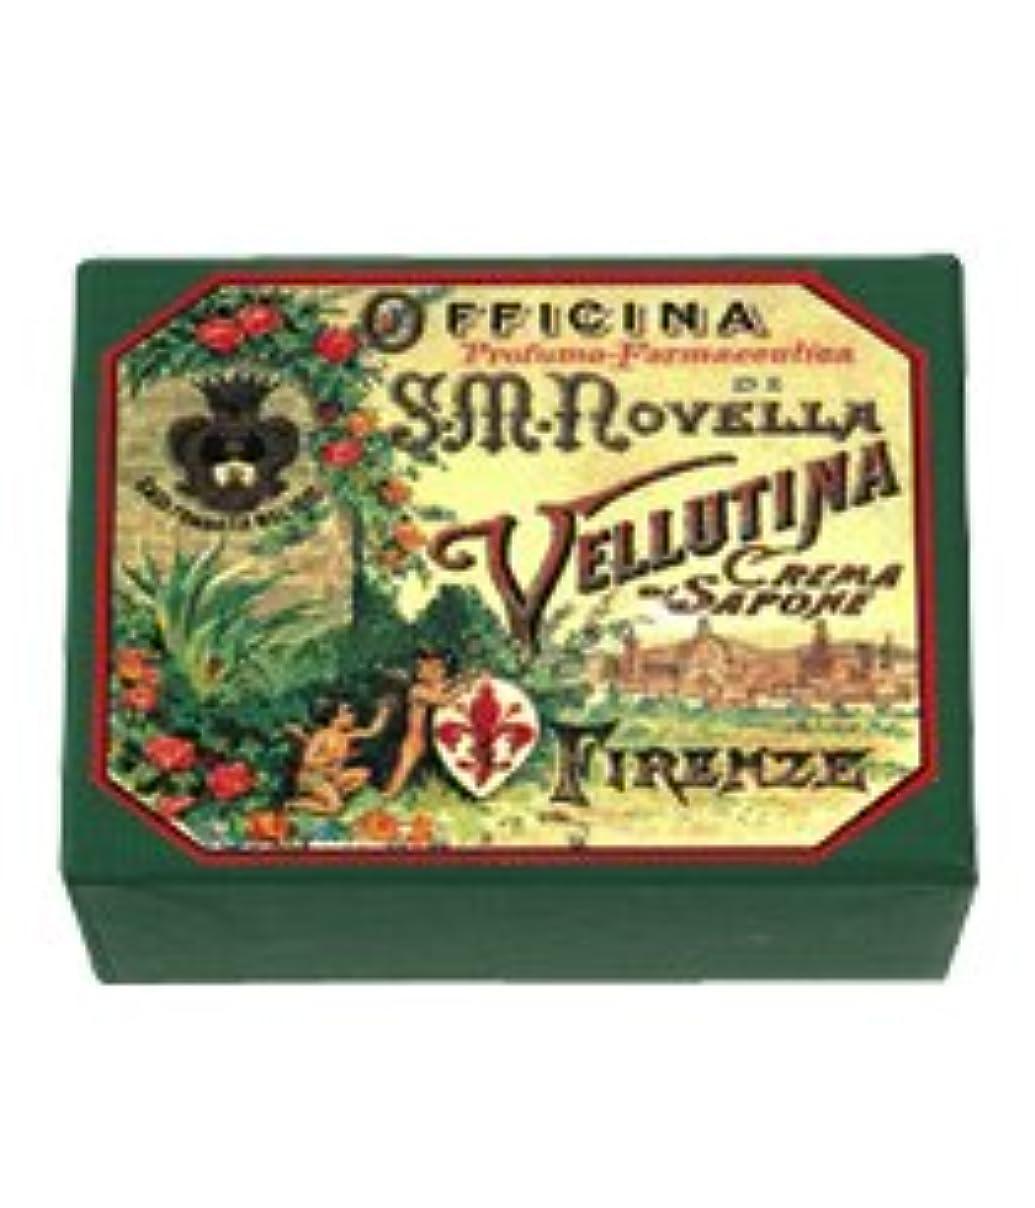 知的ビット明日【Santa Maria Novella(サンタマリアノヴェッラ )】ヴェルティーナソープ 150g Vellutina Crema di Sapone